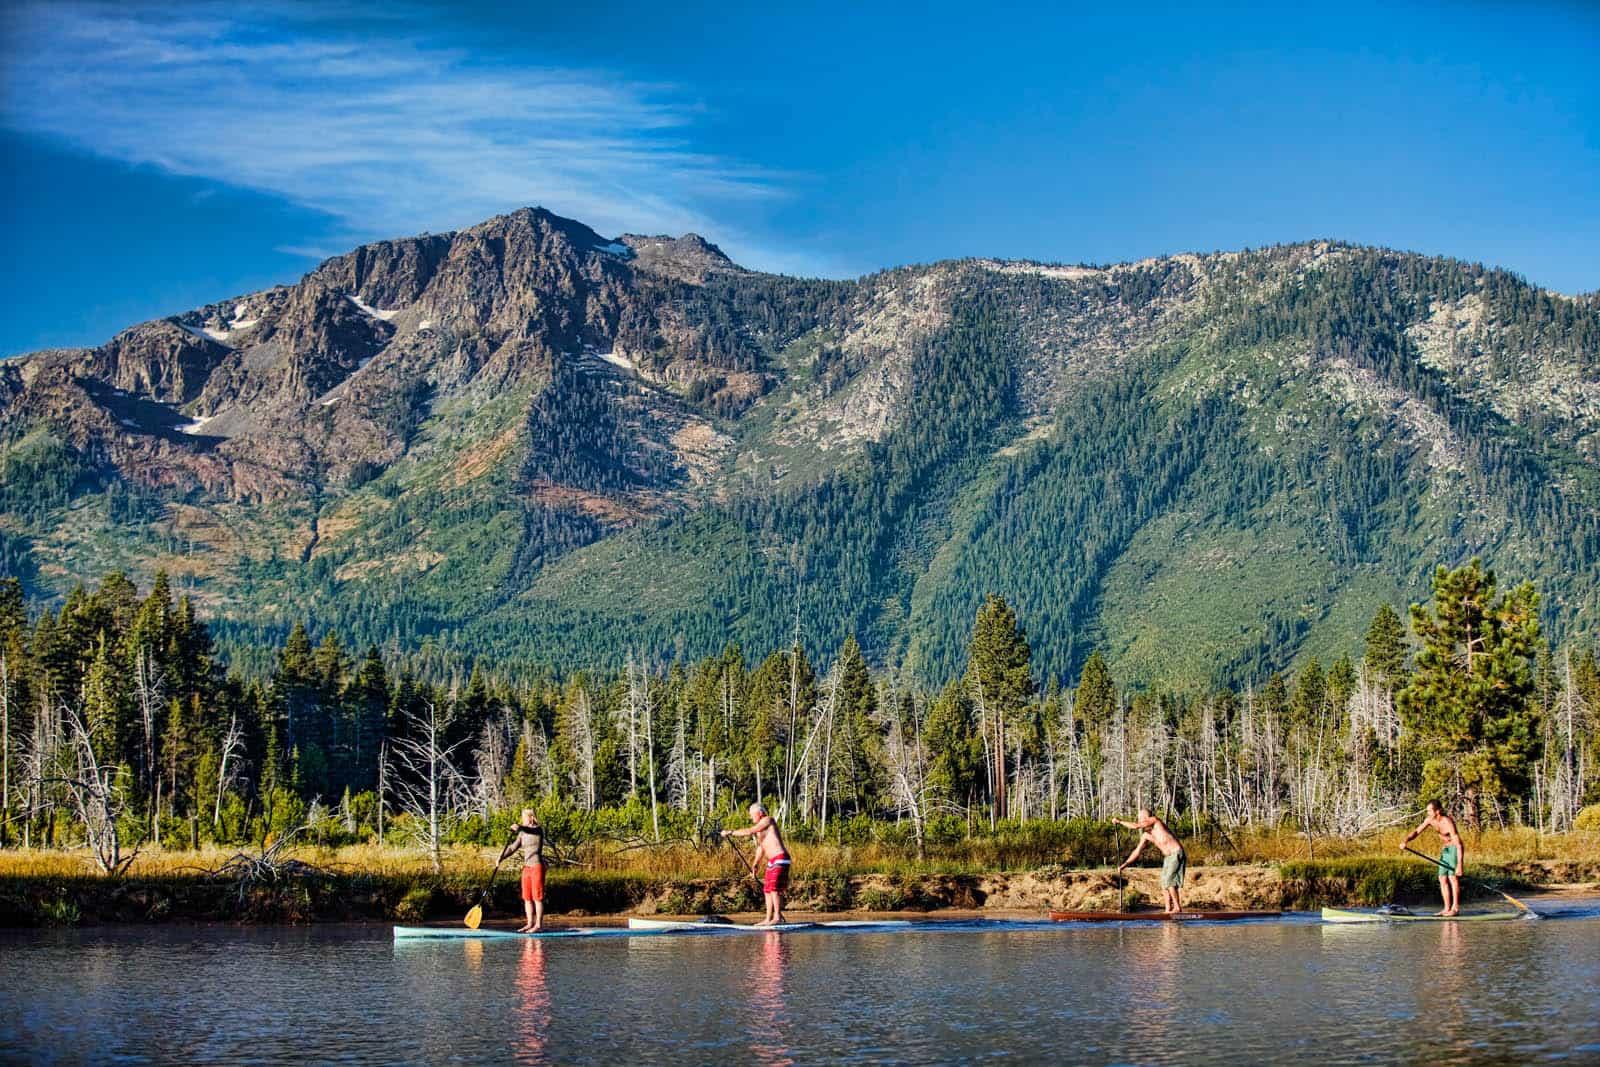 Paddle boarding on Lake Tahoe.